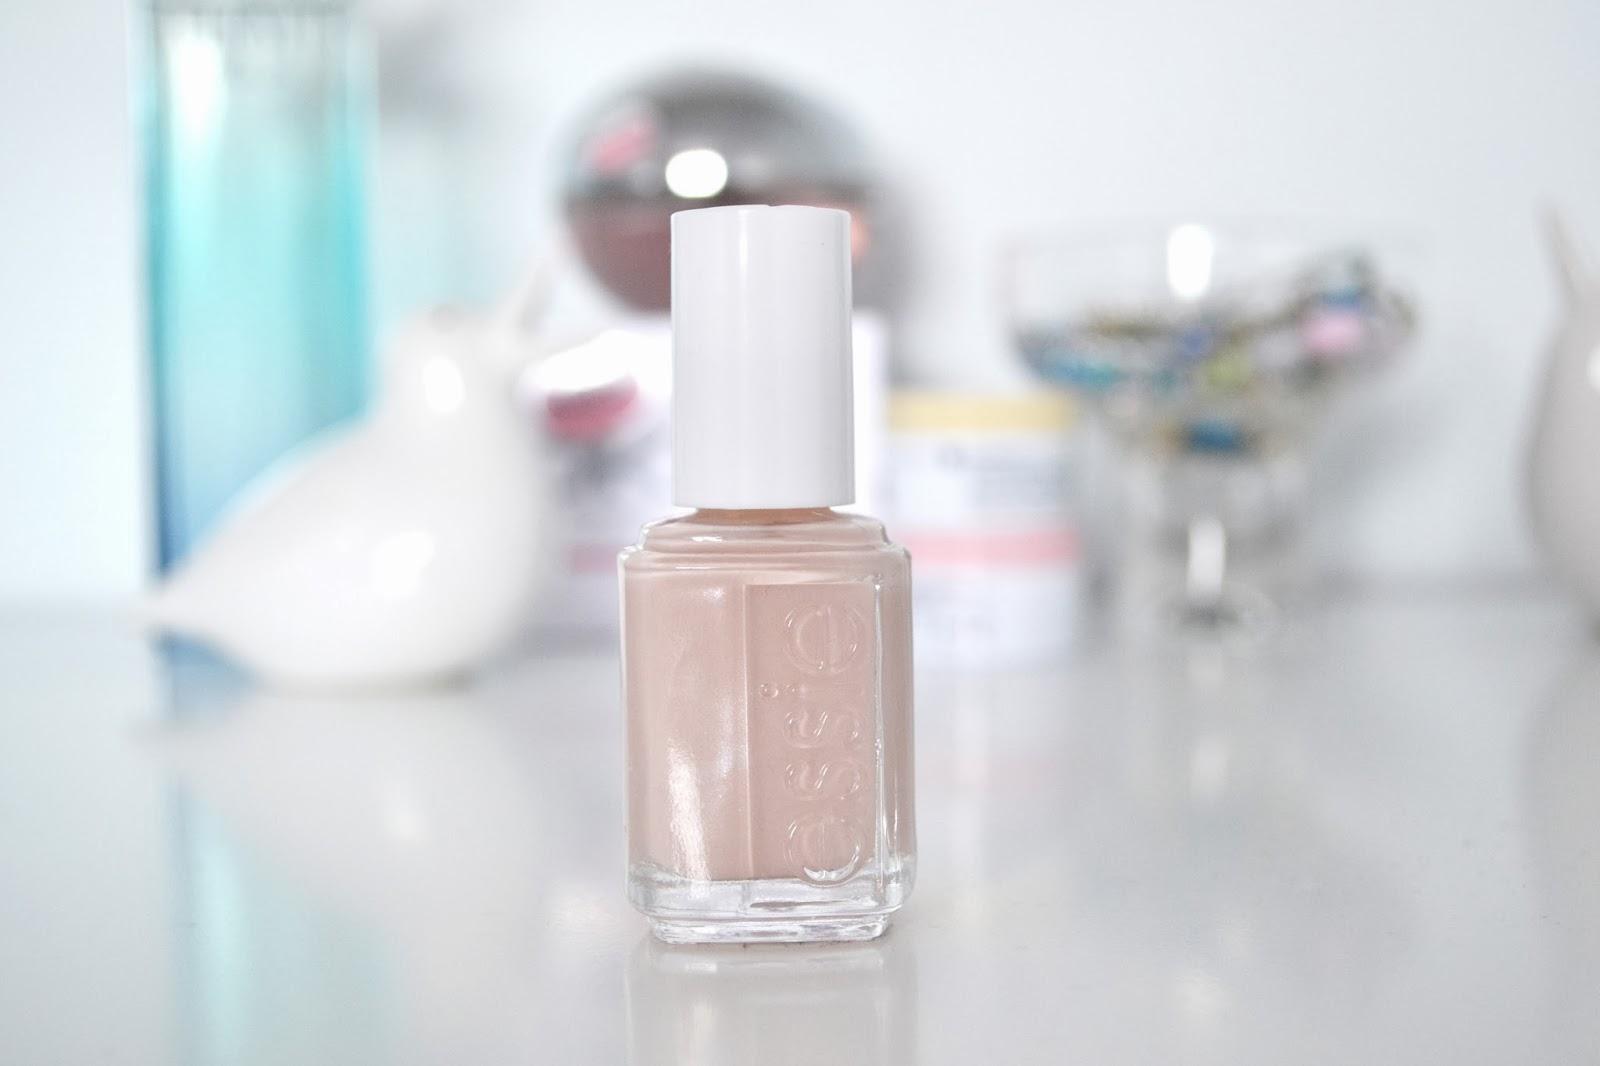 rêveriebelle beauty blog: Review: Essie Nail Polish in Secret Affair